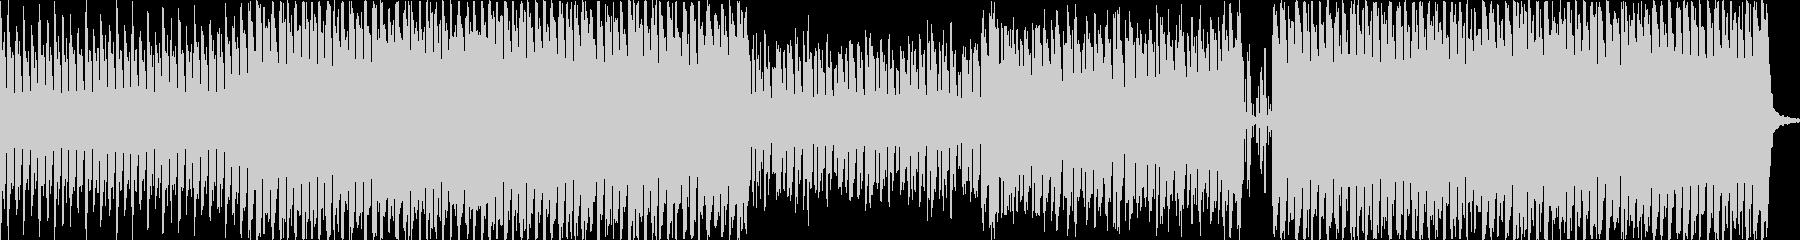 アラビアンなフレーズが印象的なBGMの未再生の波形